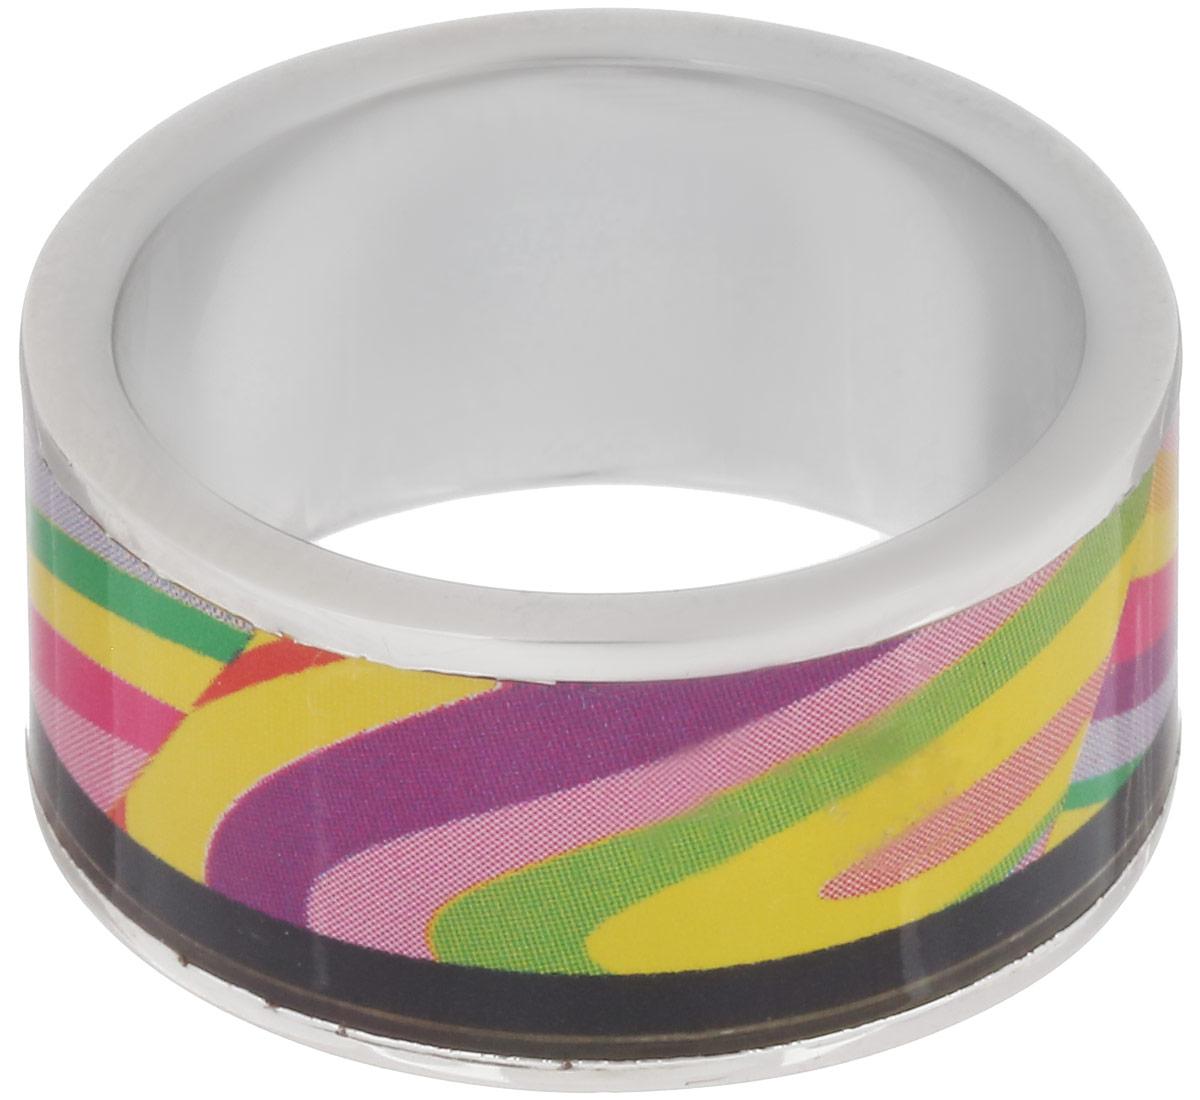 Кольцо Art-Silver, цвет: серебристый, мультиколор. ФК126-1-320. Размер 18,5ФК126-1-320Стильное кольцо Art-Silver изготовлено из бижутерного сплава. Изделие оформлено оригинальным принтом и покрыто эмалью. Стильное кольцо придаст вашему образу изюминку и подчеркнет индивидуальность.